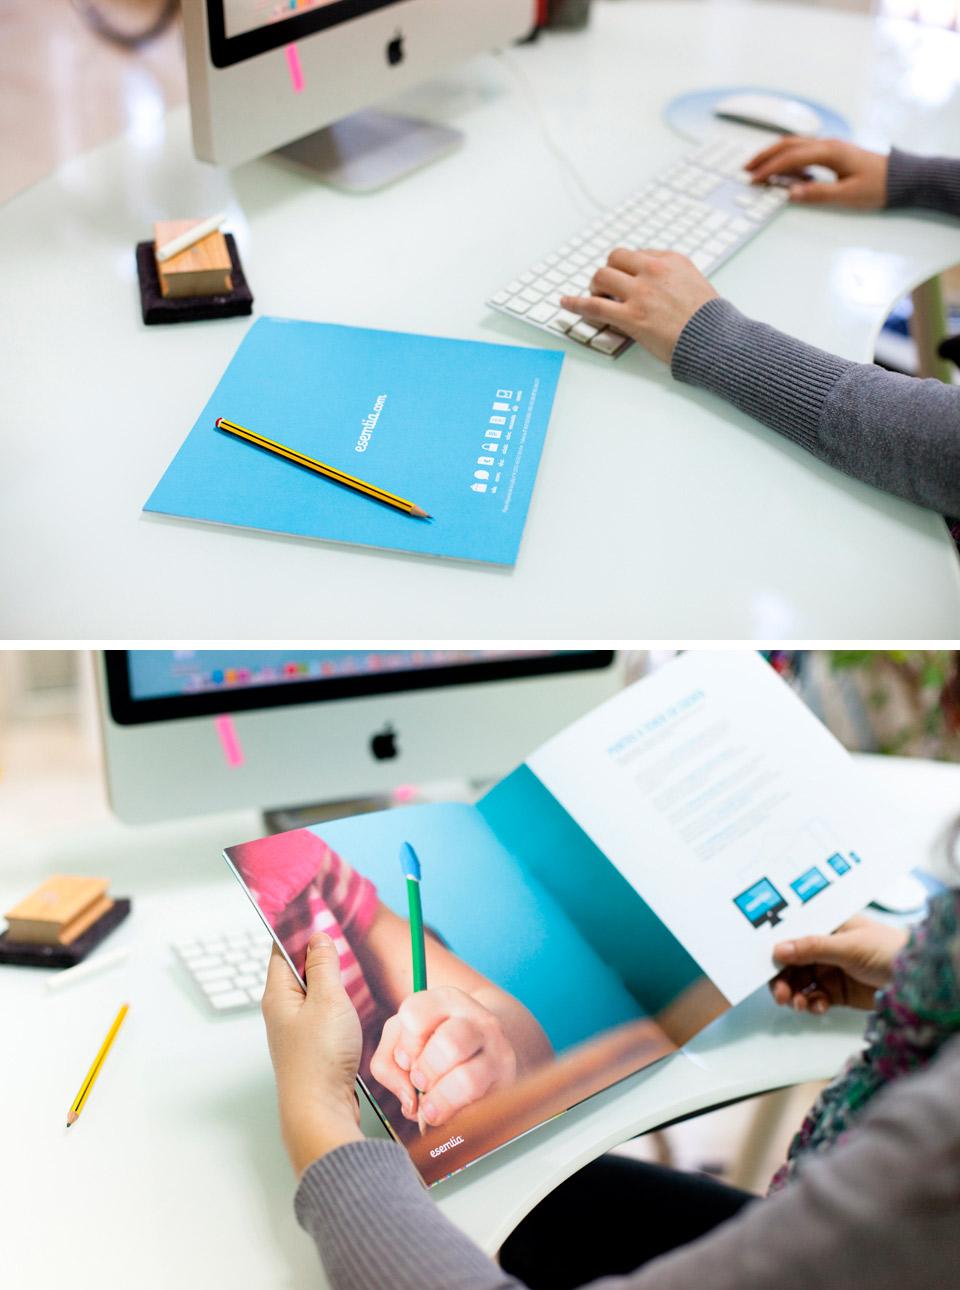 Dossier Esemtia Corporativa. Pixelarte estudio de diseño gráfico, creatividad y web.